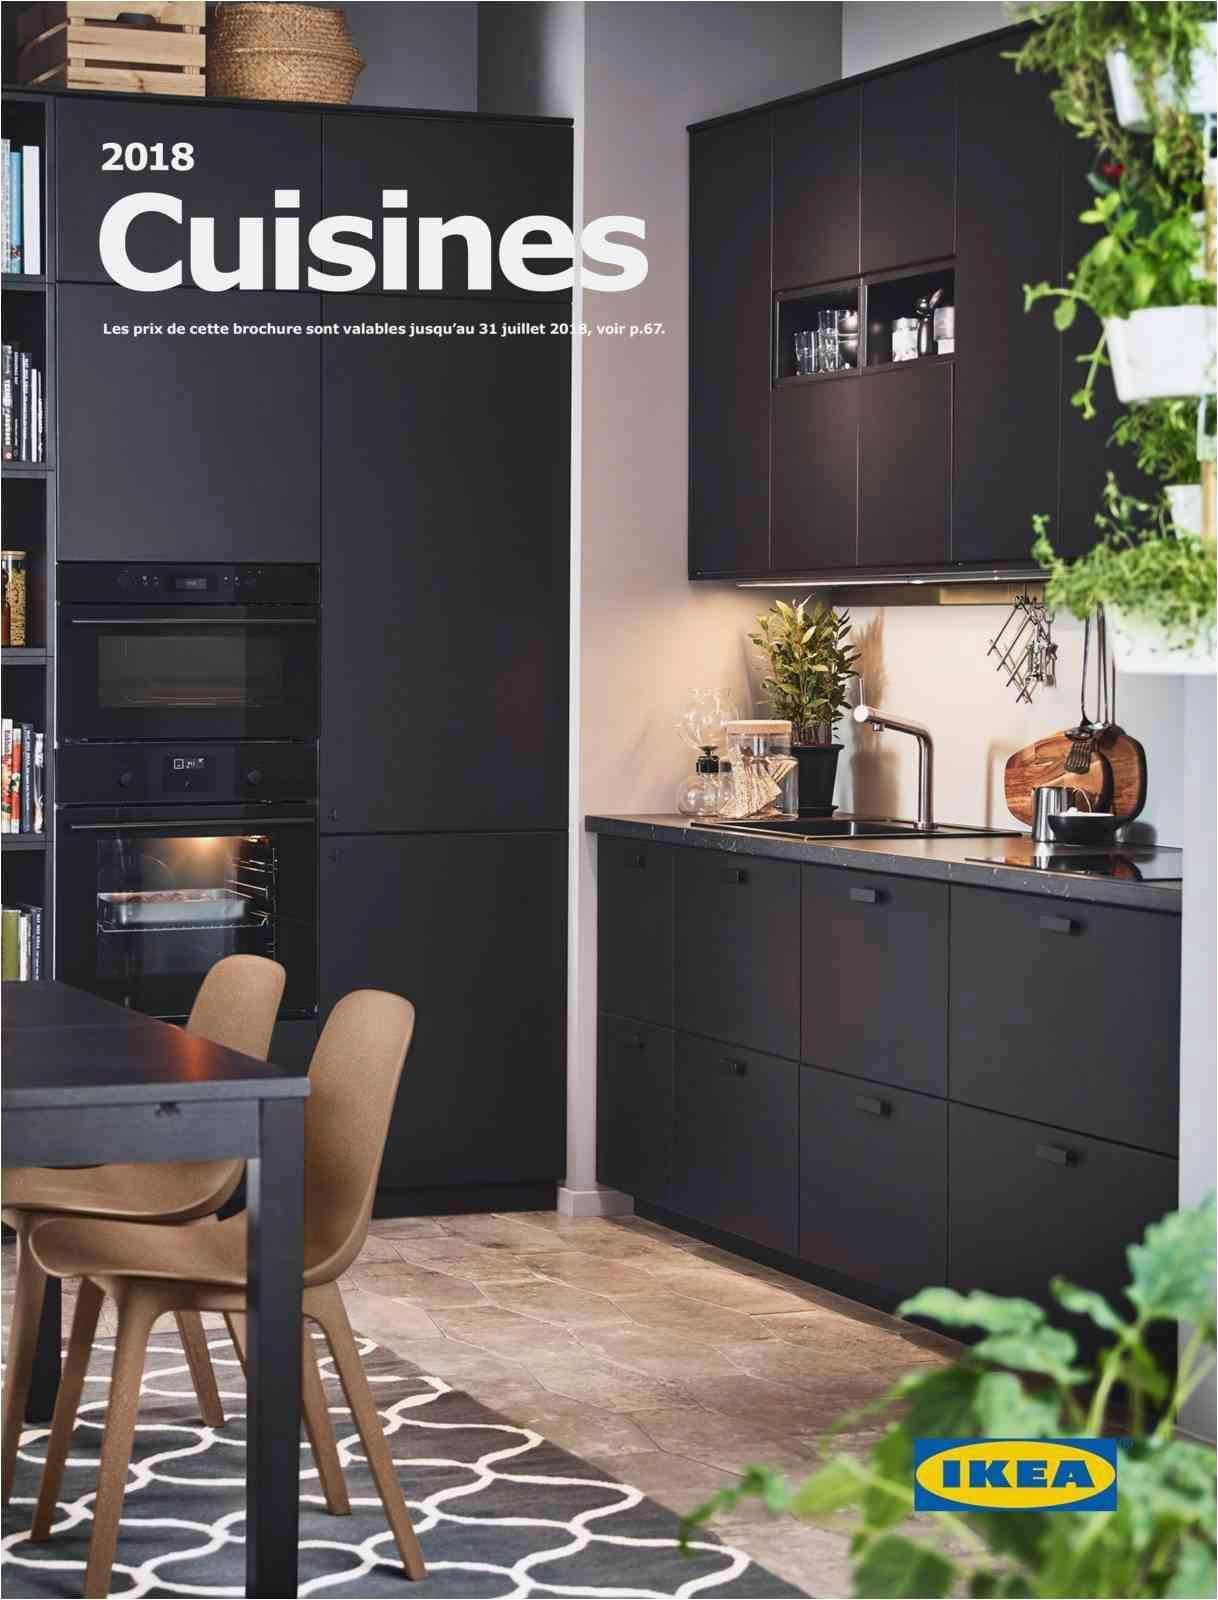 Devis En Ligne Ikea Élégant Stock Ikea Cuisine Devis Meilleur De 47 Frais De Cuisine Ikea Prix